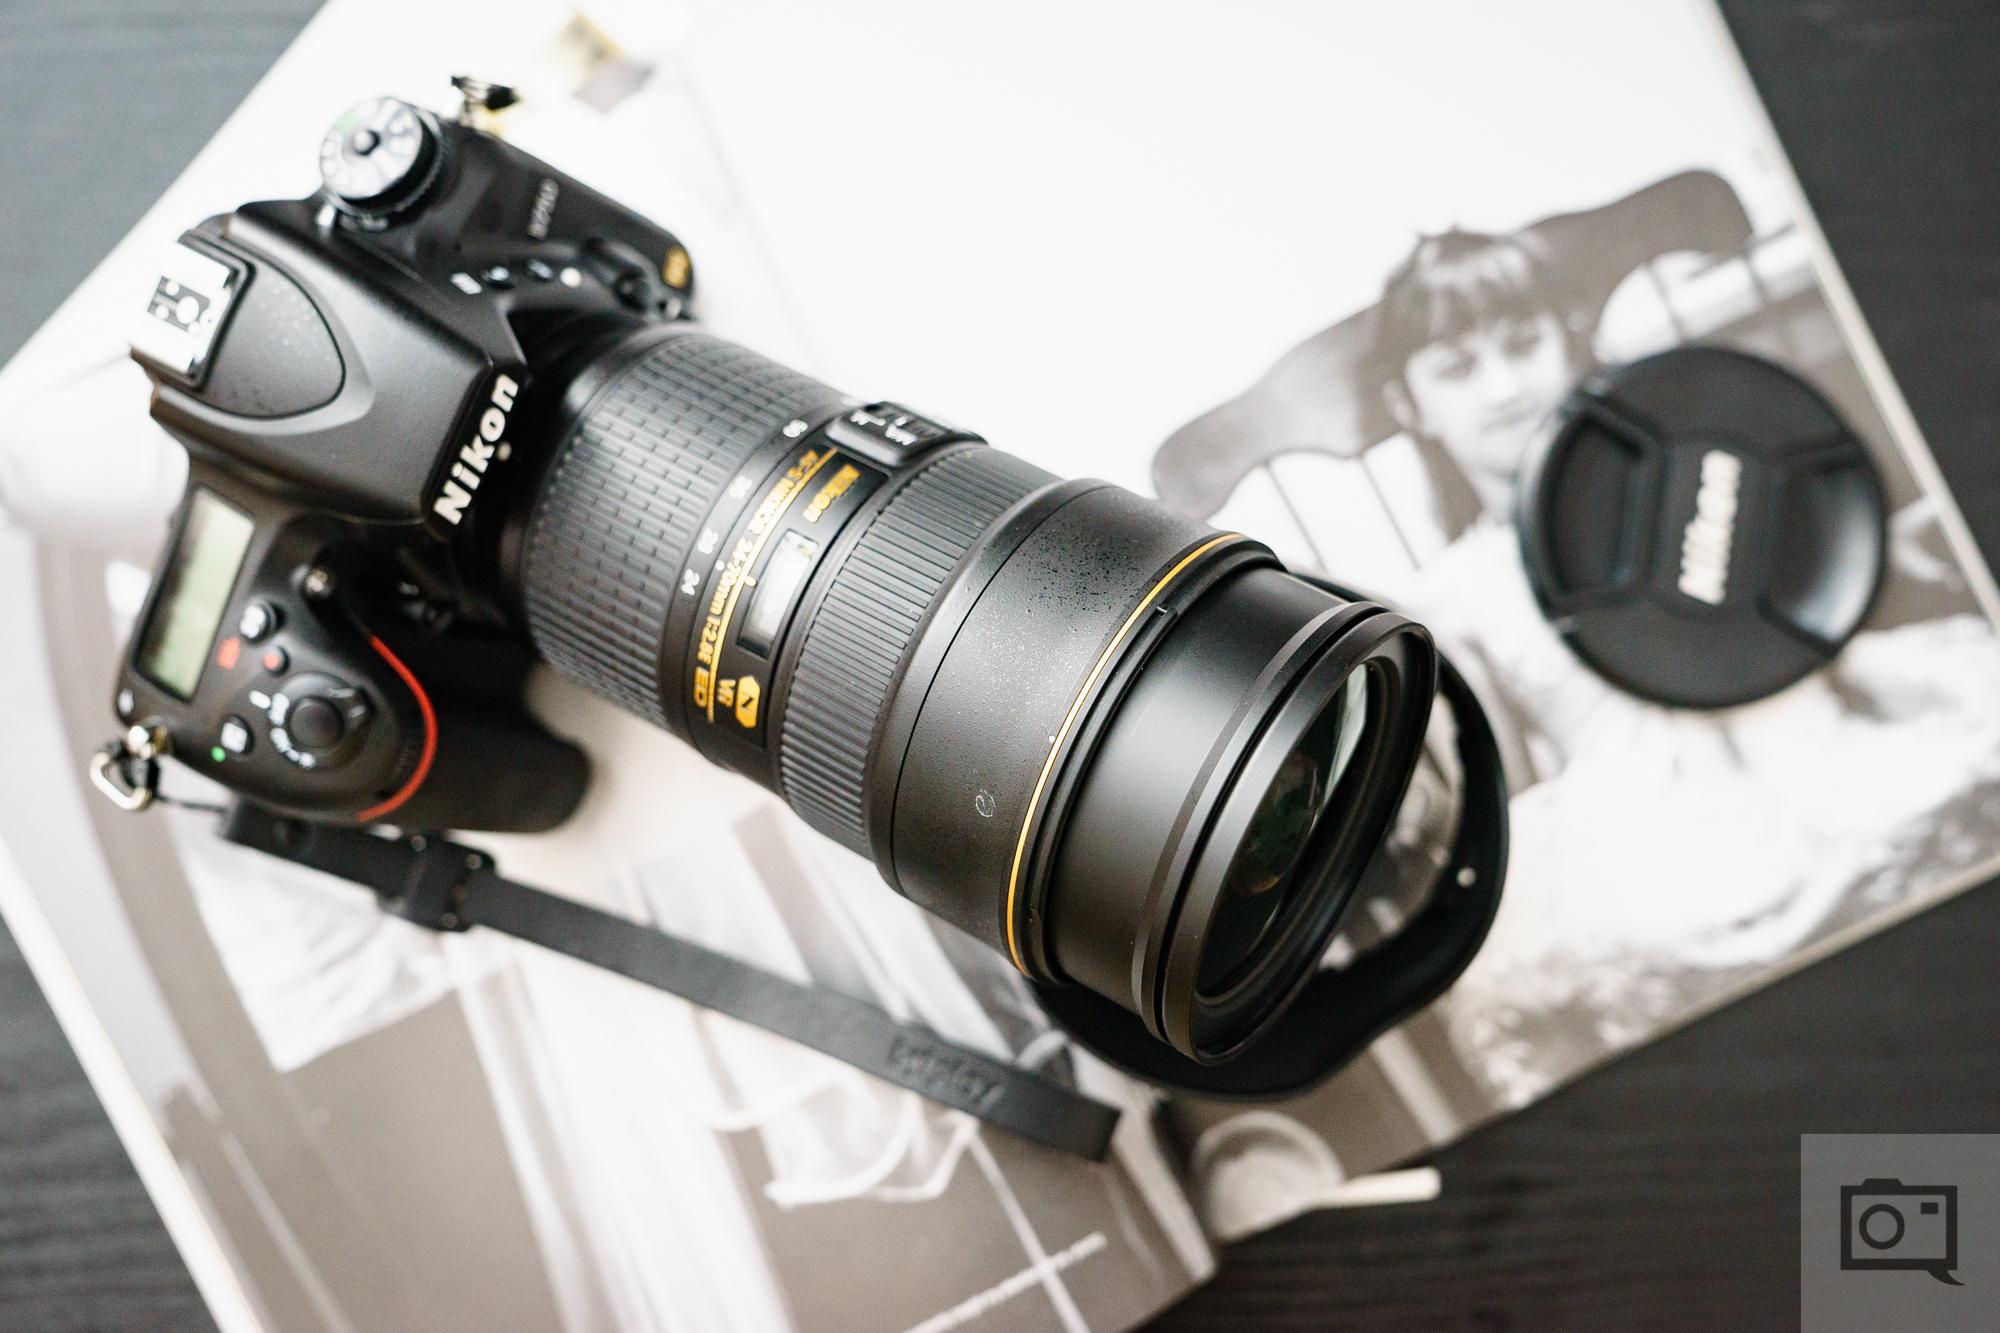 نیکون D850 به طور رسمی معرفی شد؛ غولی در صنعت عکسبرداری